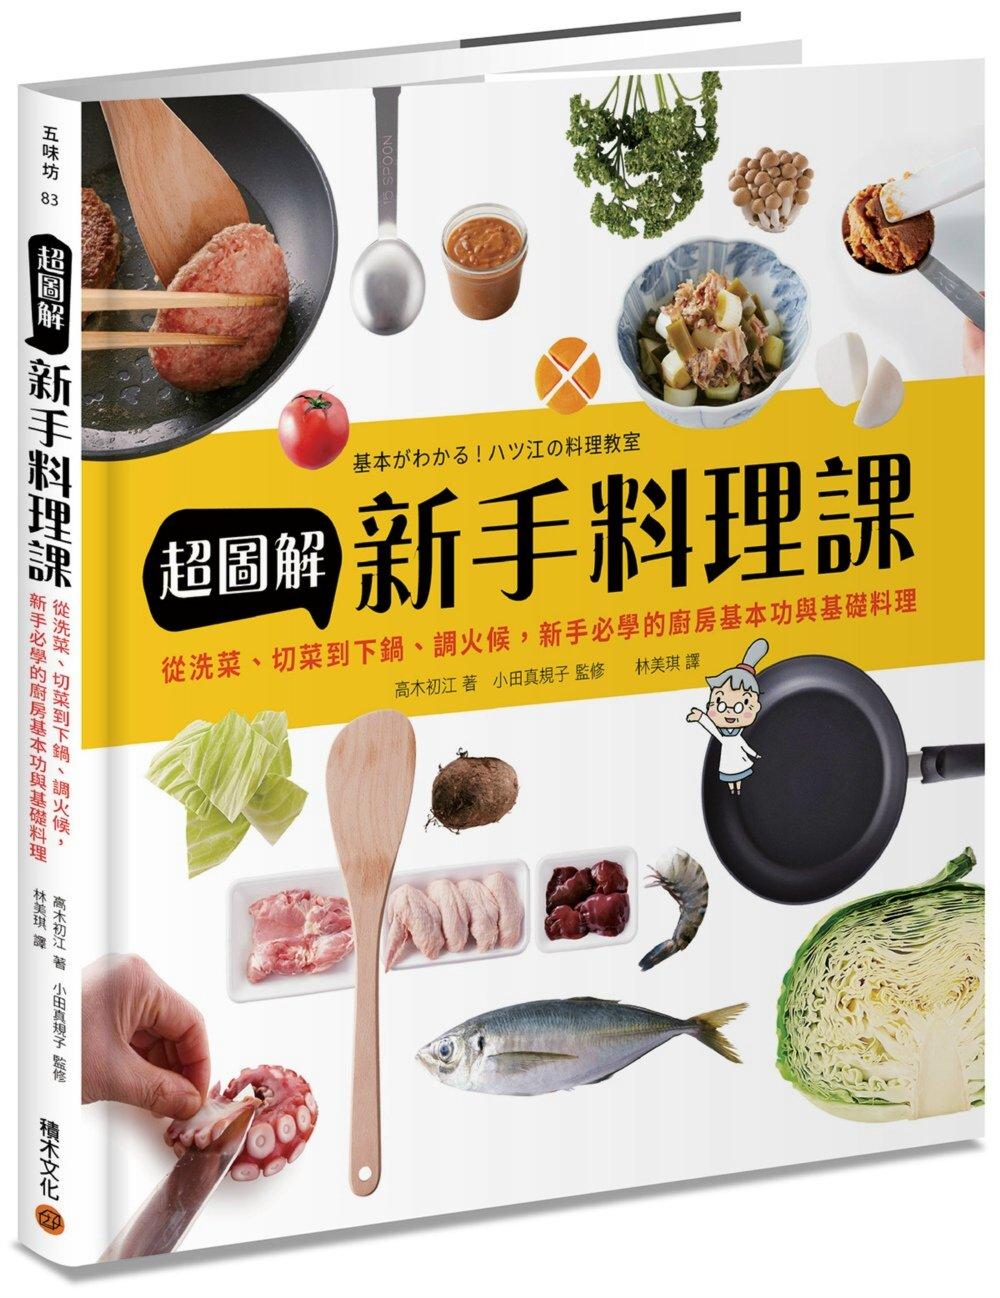 ◤博客來BOOKS◢ 暢銷書榜《推薦》超圖解新手料理課:從洗菜、切菜到下鍋、調火候,新手必學的廚房基本功與基礎料理